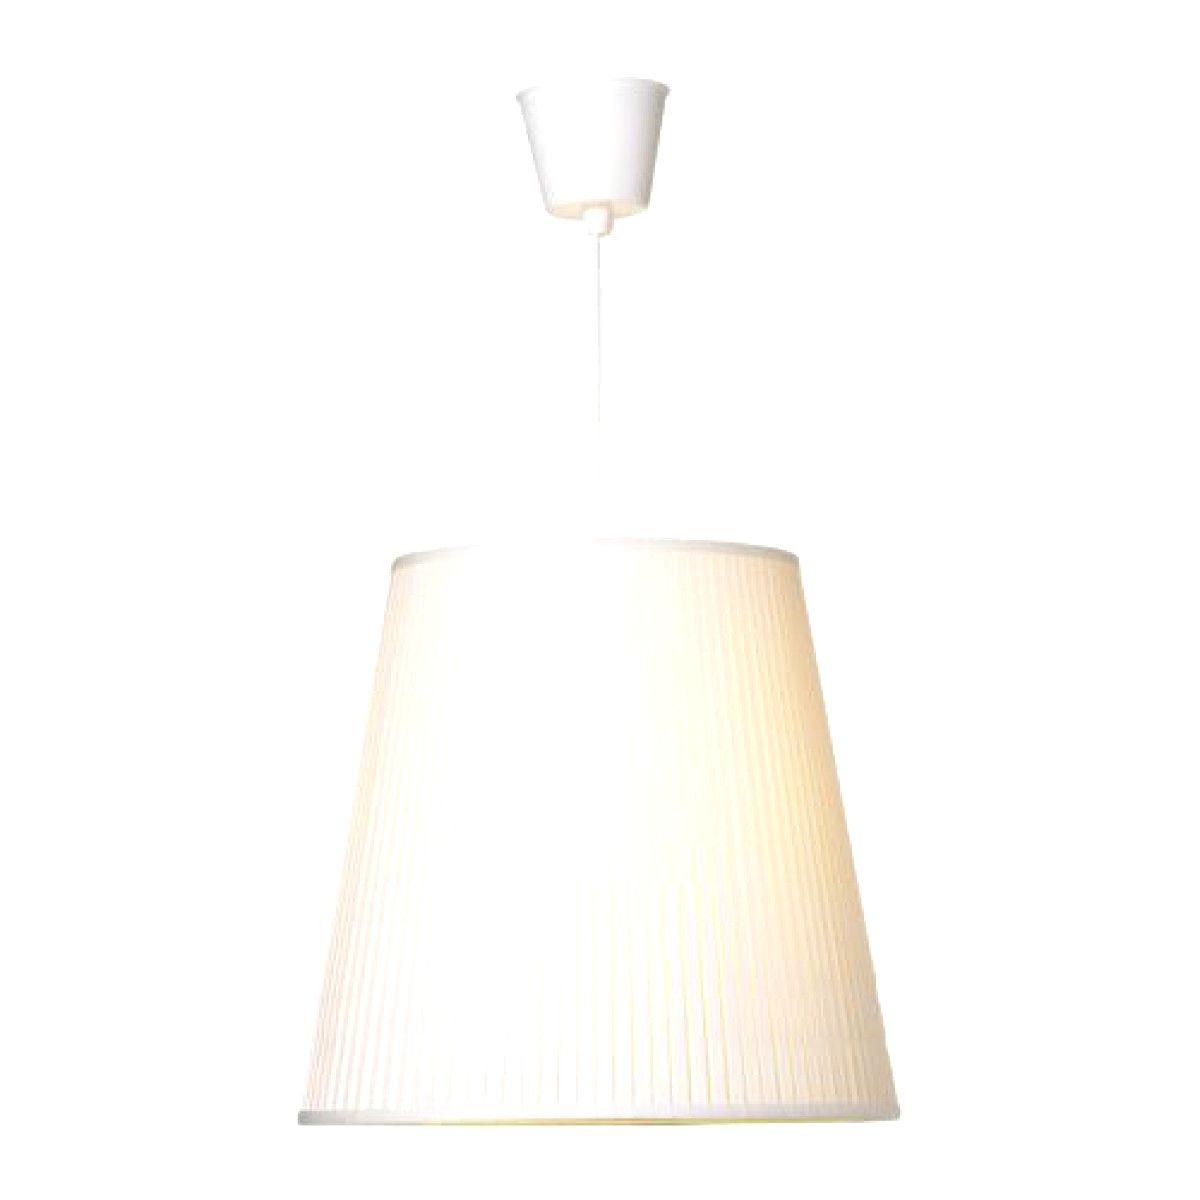 77 Meilleur De Collection De Ikea Nappe Anti Tache